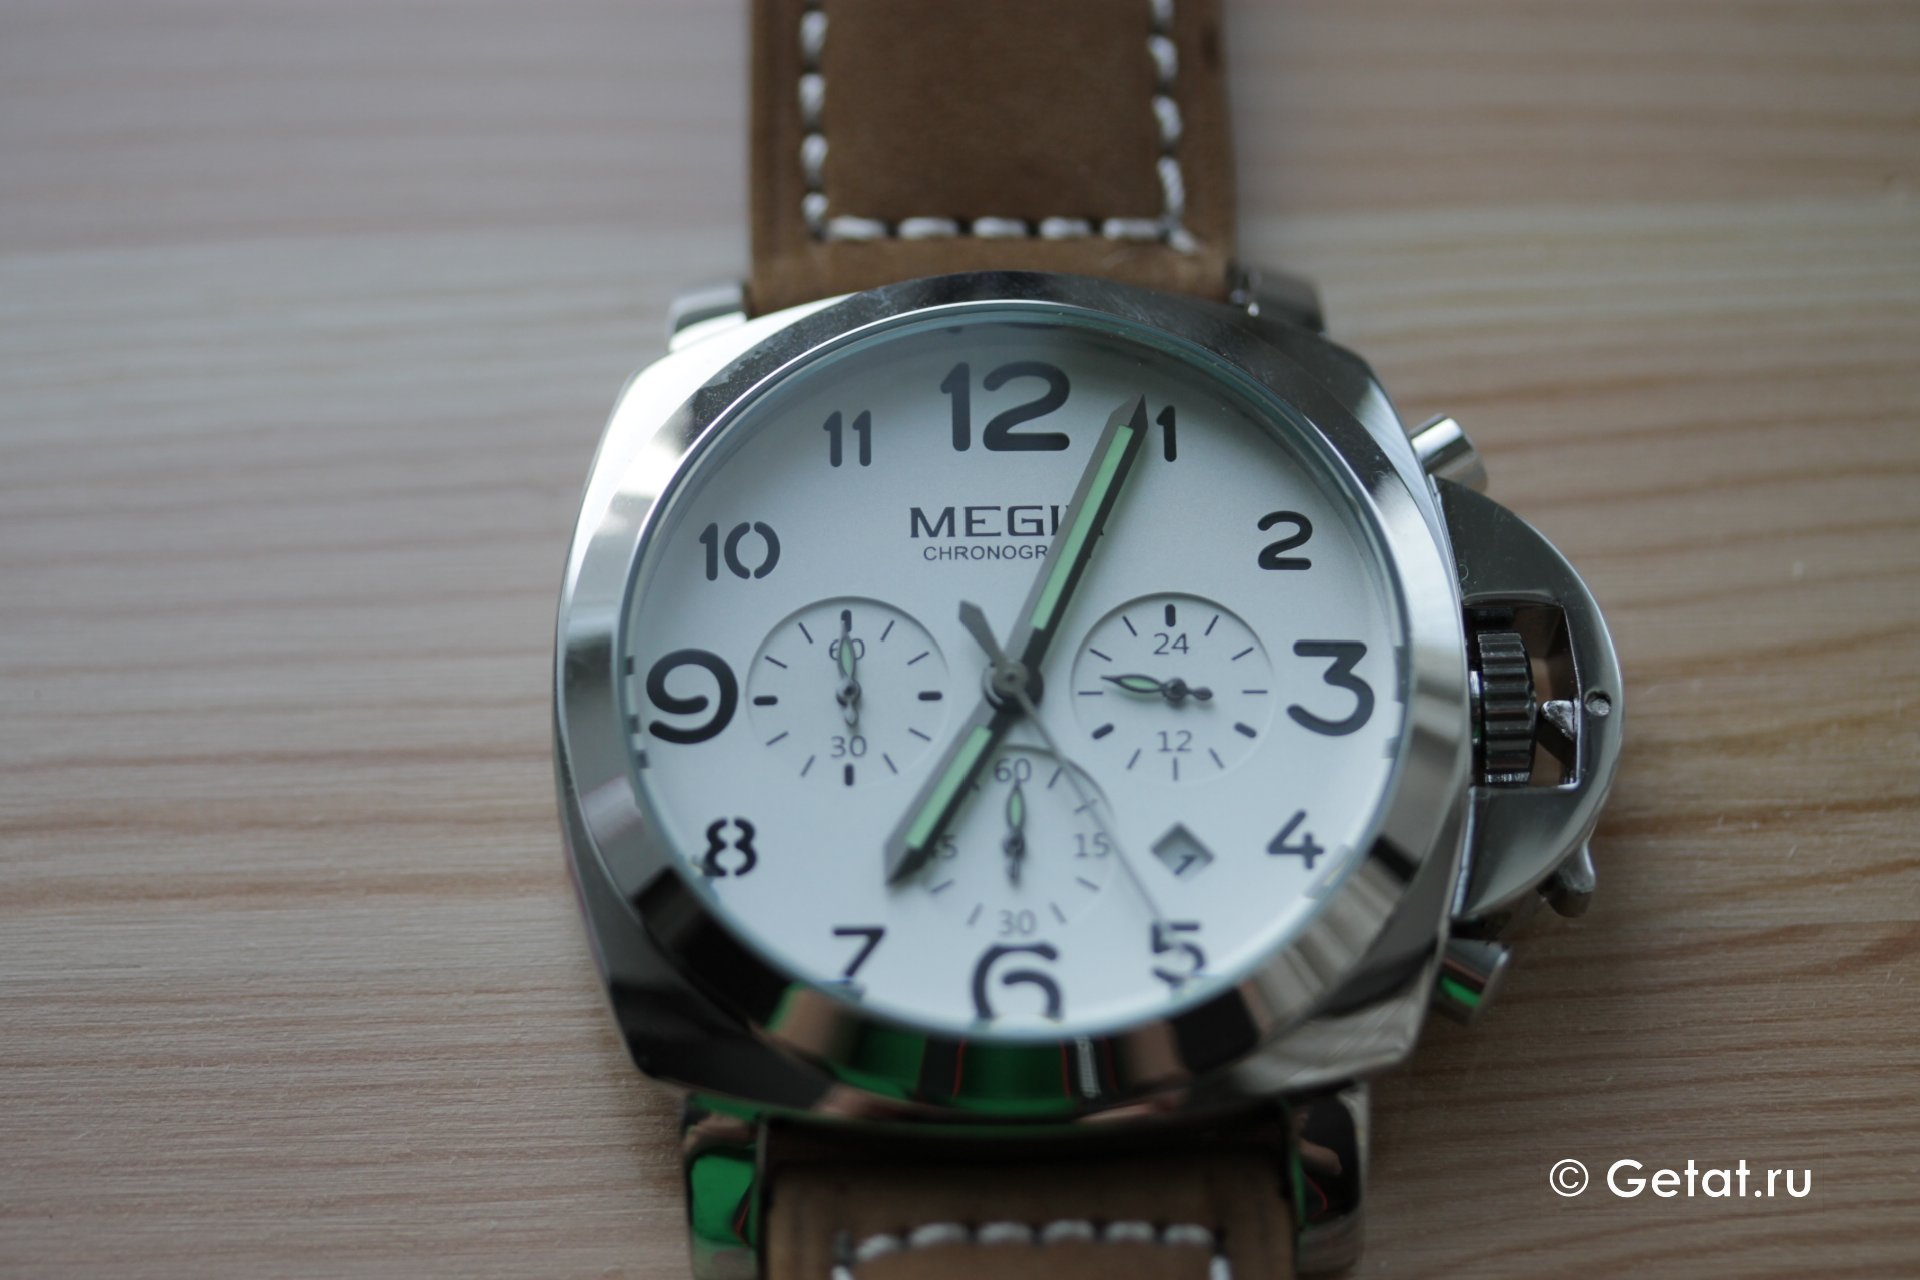 Еще один обзор часов от Megir + информация о компании